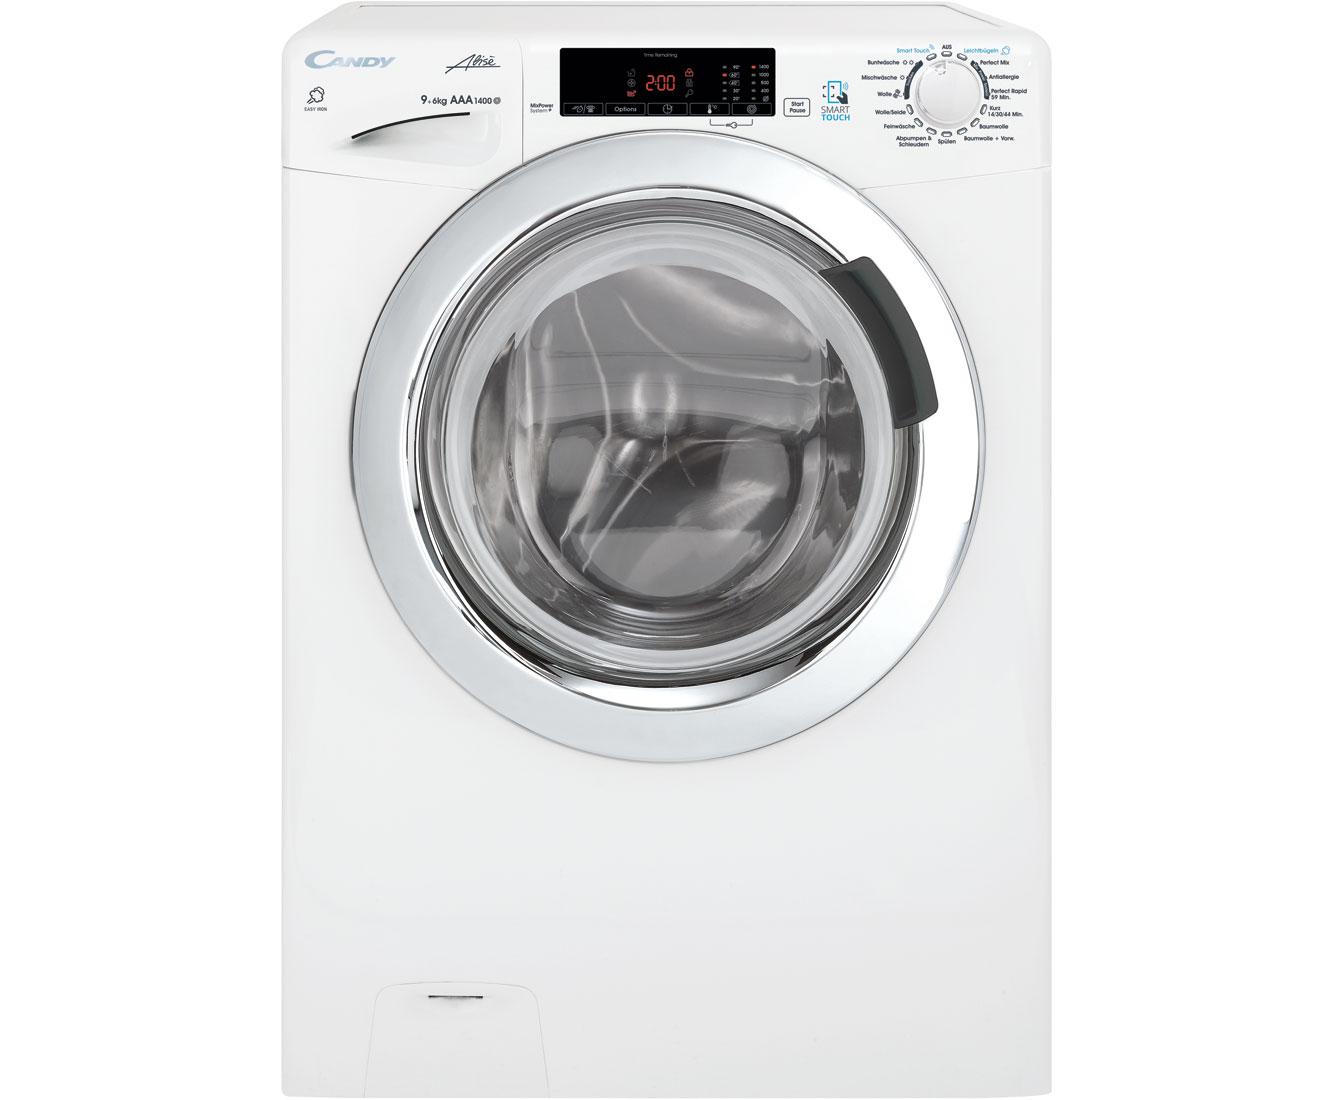 Candy gvsw g twc waschtrockner kg waschen kg trocknen